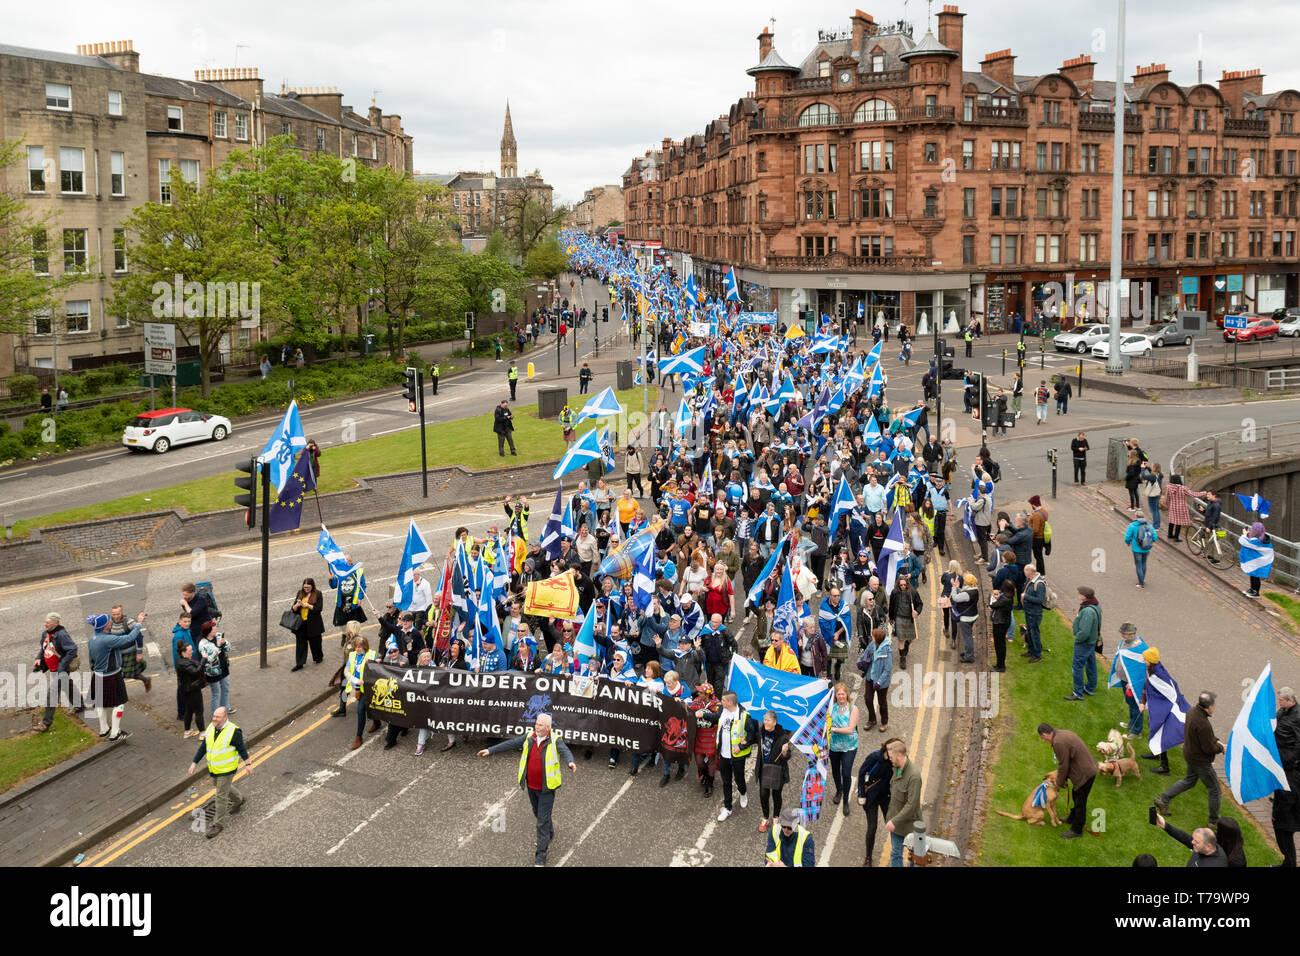 Alle unter einem Banner organisierten Marsch für die schottische Unabhängigkeit - Glasgow 2019 Stockbild